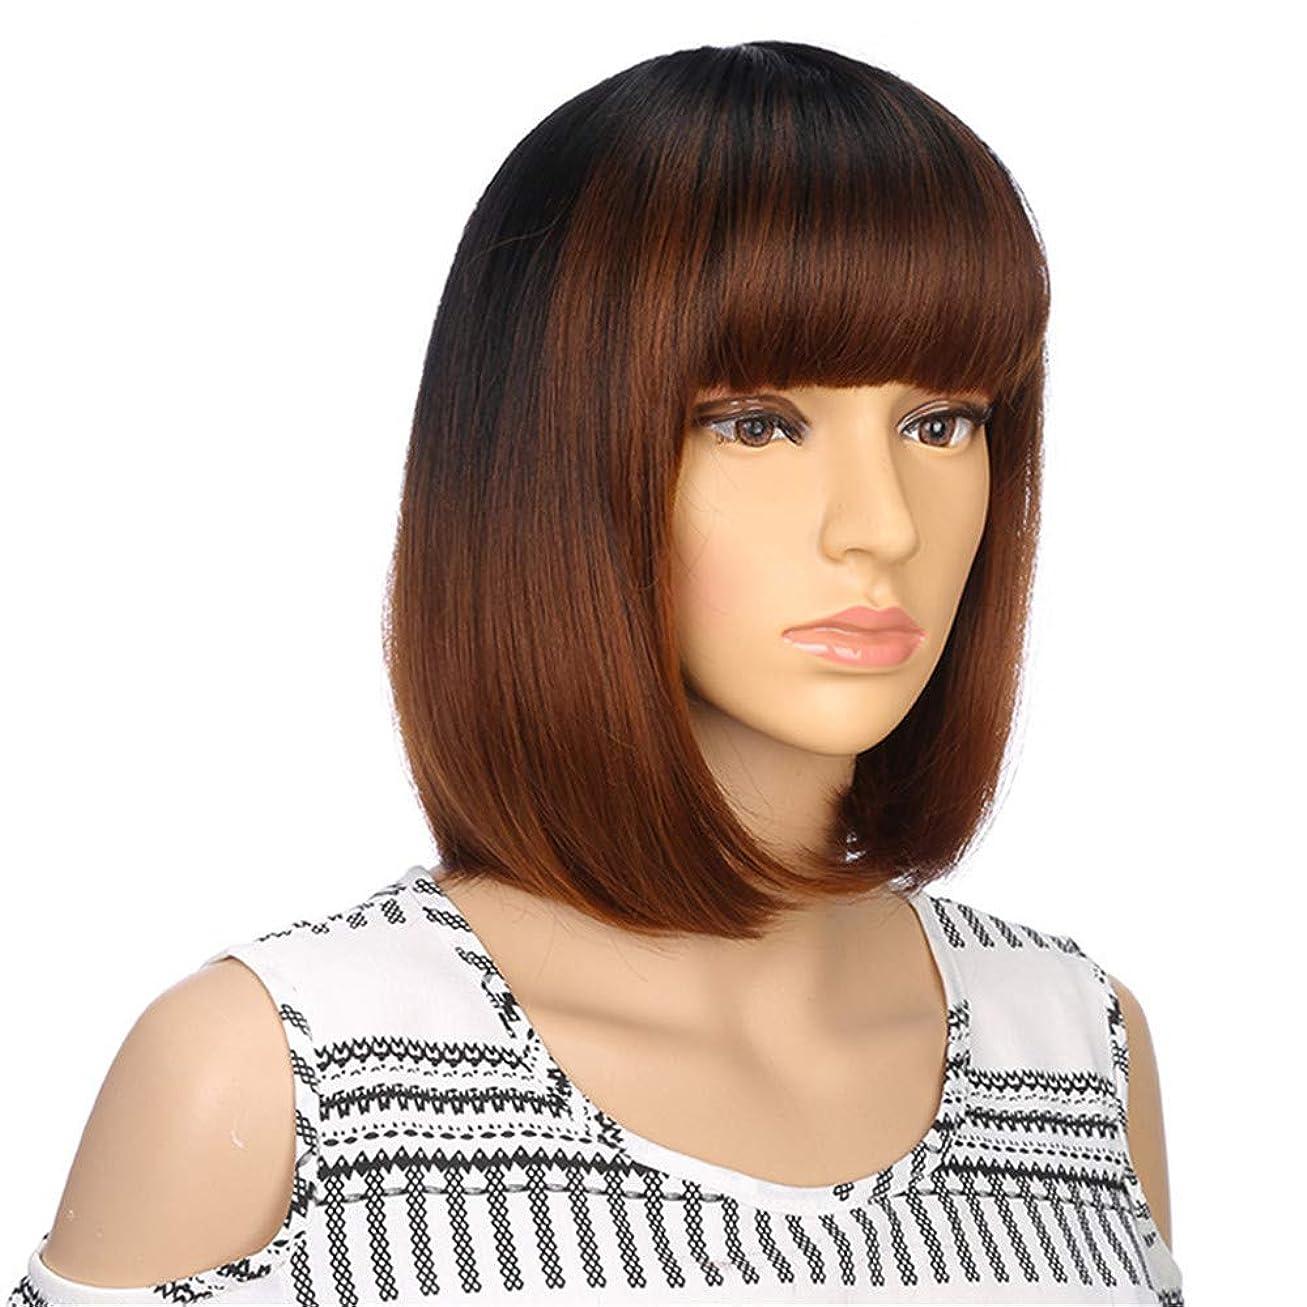 ためらう抑圧者レスリングヘアエクステンション合成ブラウンストレートウィッグ女性用前髪長ボブヘアウィッグ耐熱ヘアスタイルコスプレウィッグ13インチ